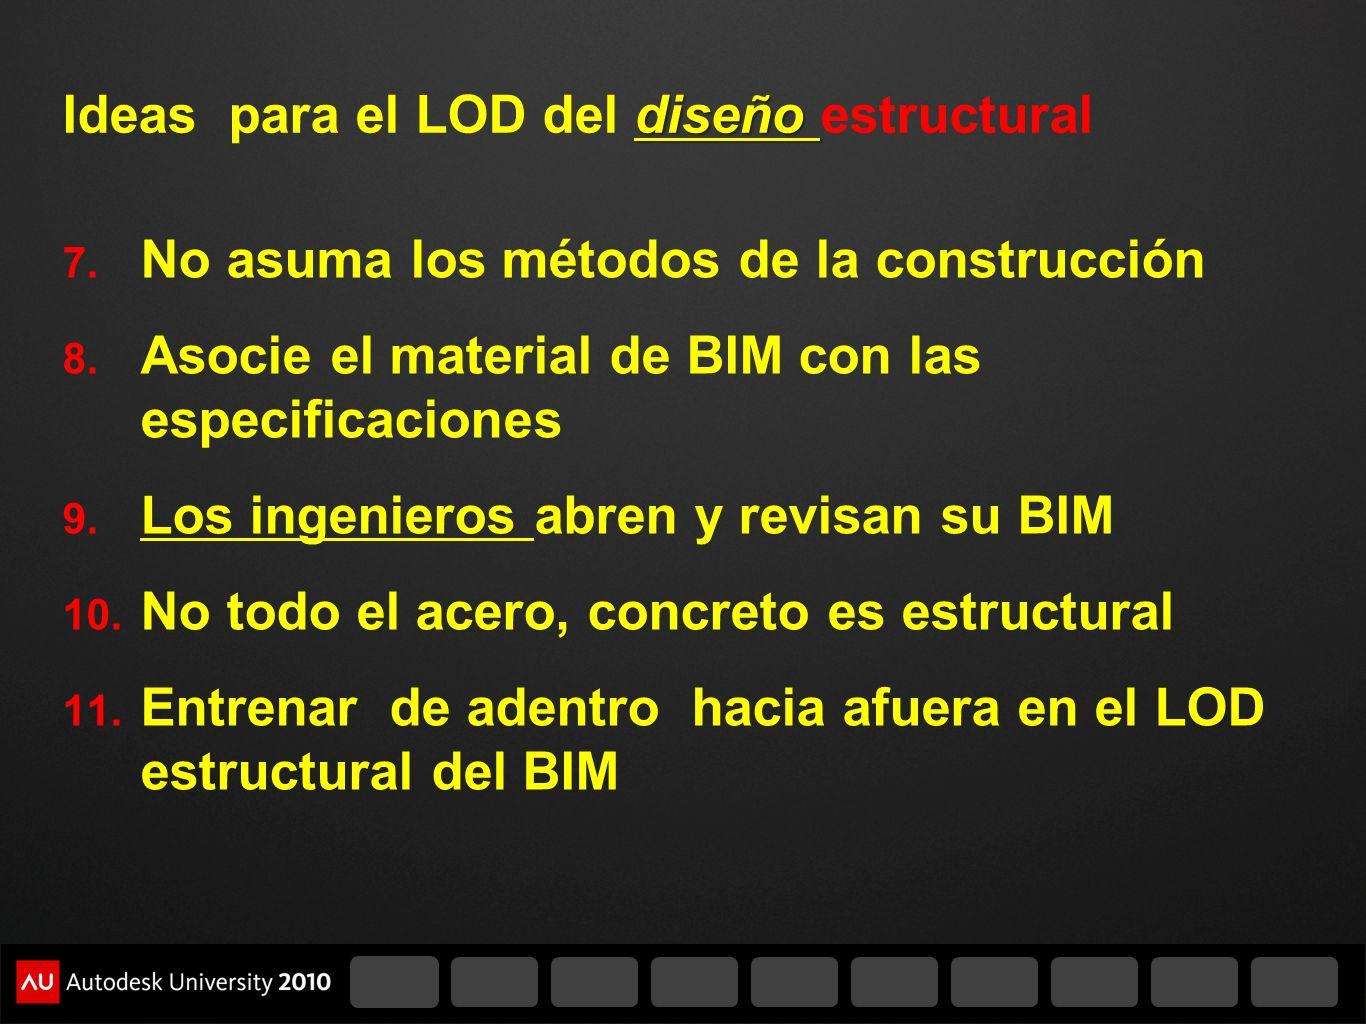 Ideas para el LOD del diseño estructural